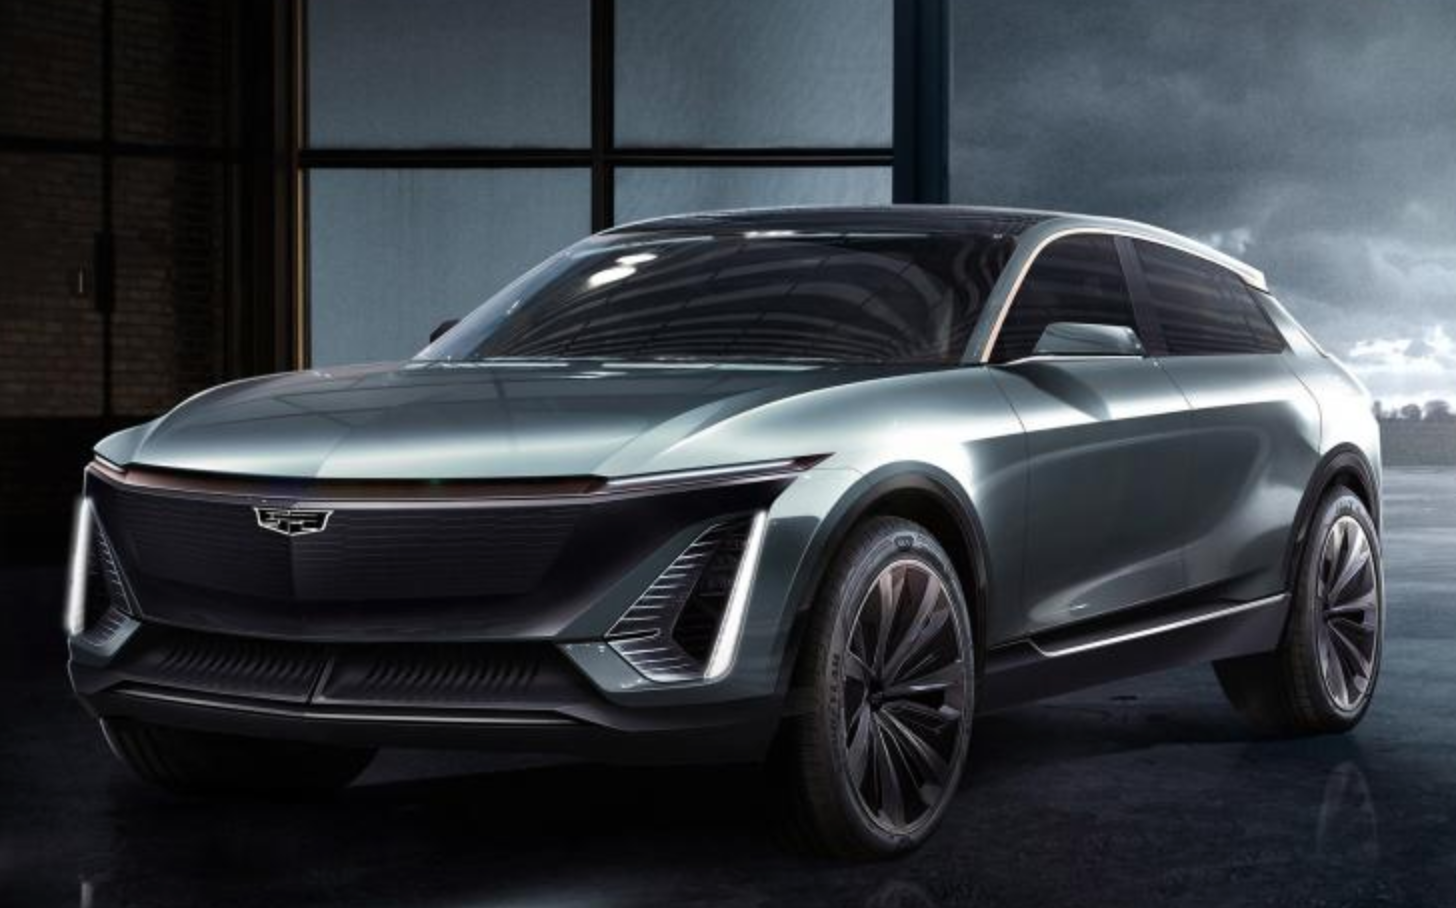 凯迪拉克纯电动概念车